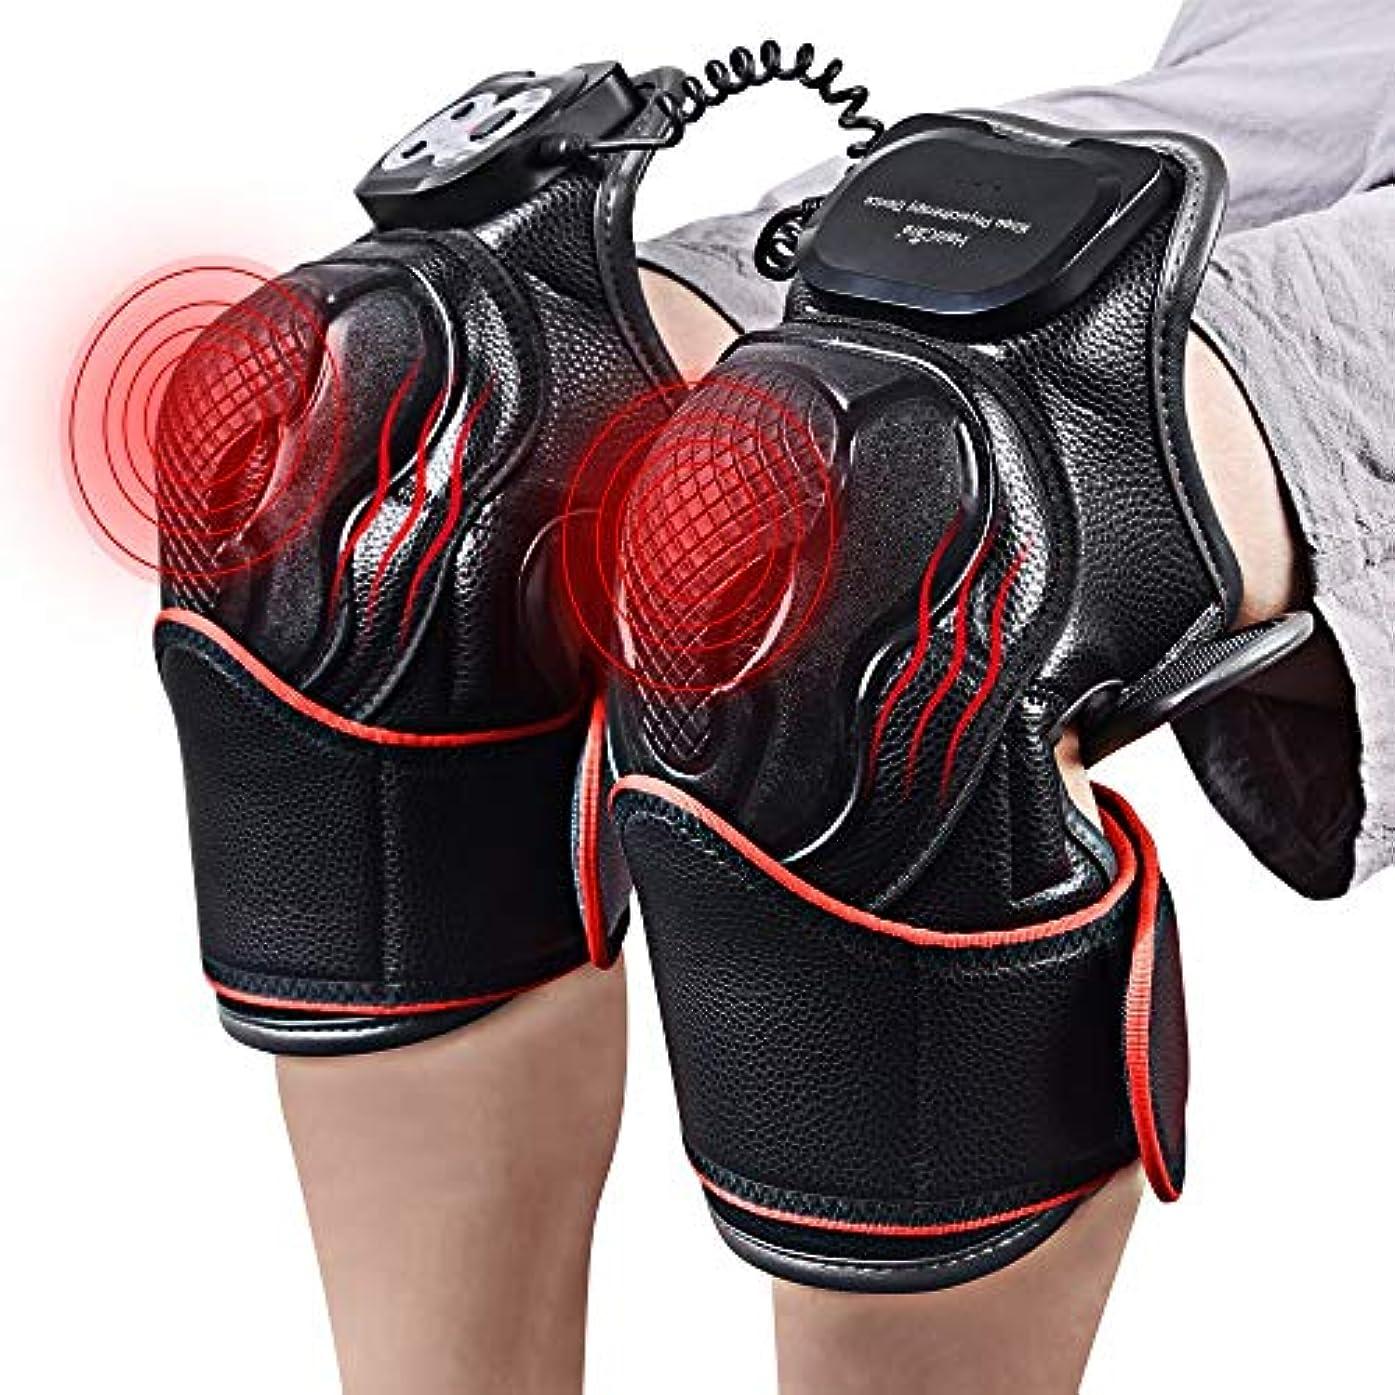 何か文芸到着LLYU 膝磁気振動暖房マッサージジョイント理学療法マッサージ電気マッサージ痛み緩和リハビリ機器ケア